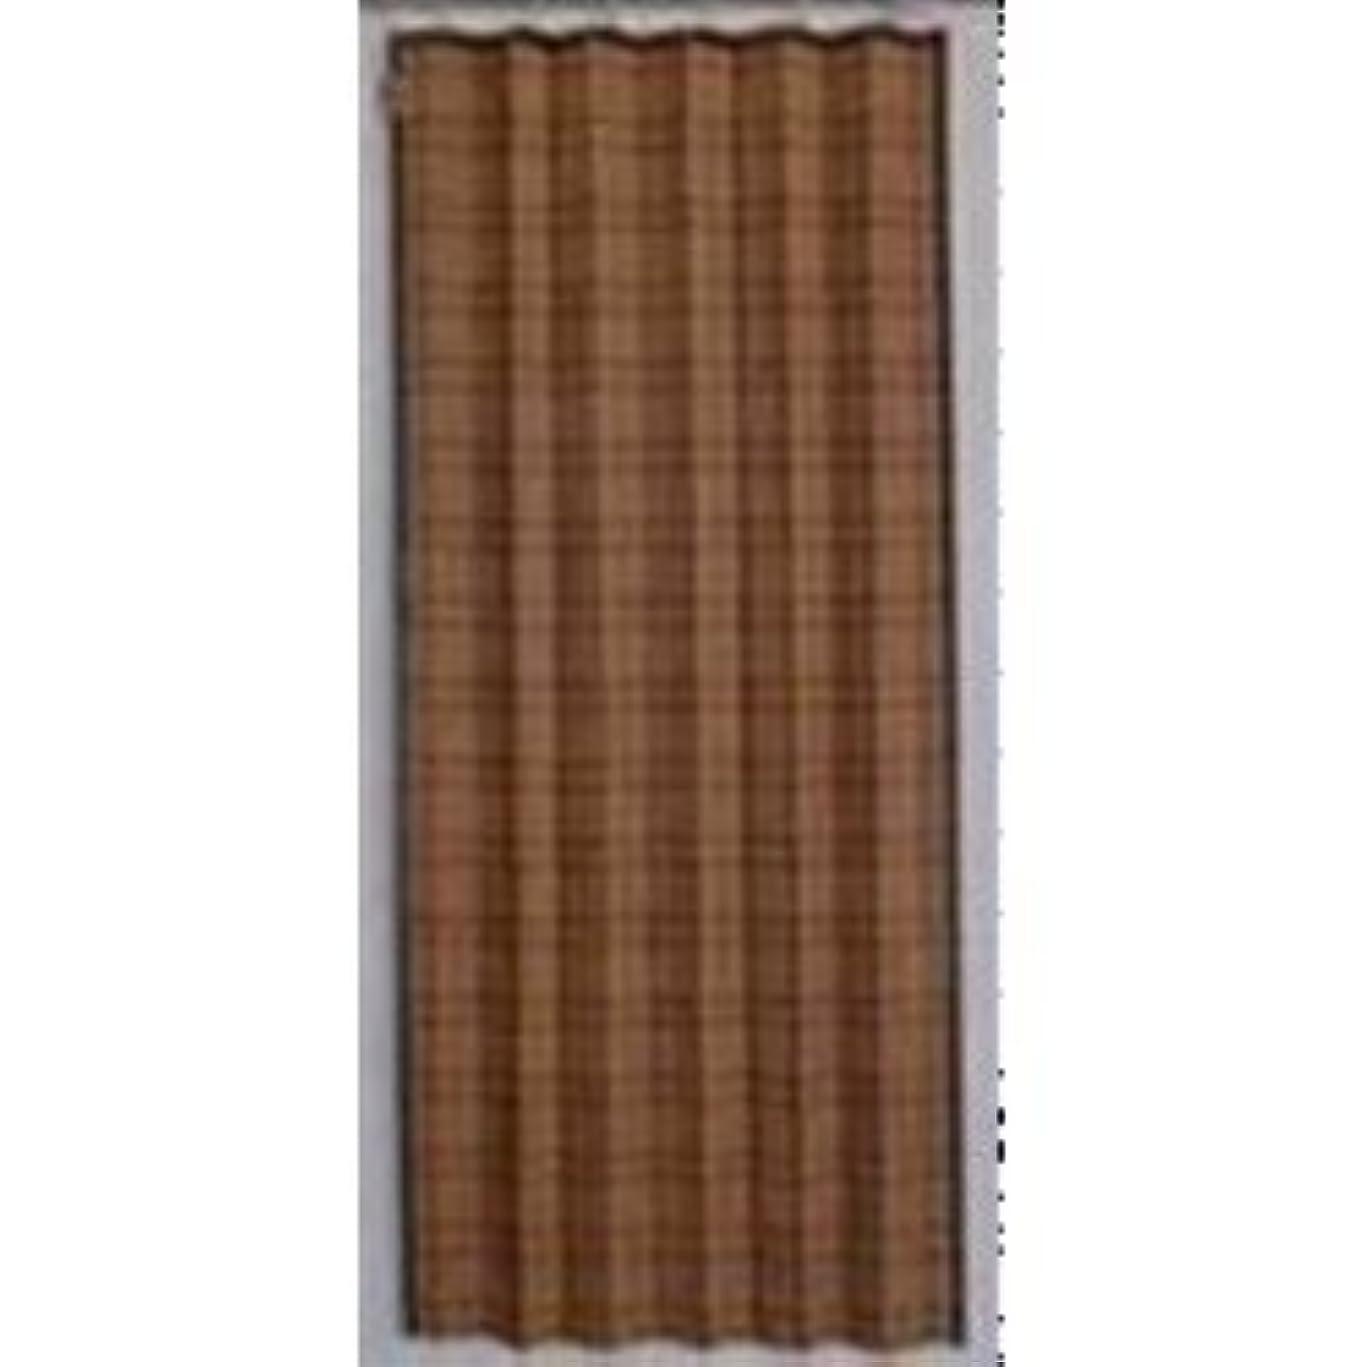 ピアノ組み込む慣れているワタナベ工業 アルミ配合 省エネすだれ コバルト 88×180cm ブラウン/ブラック 949178